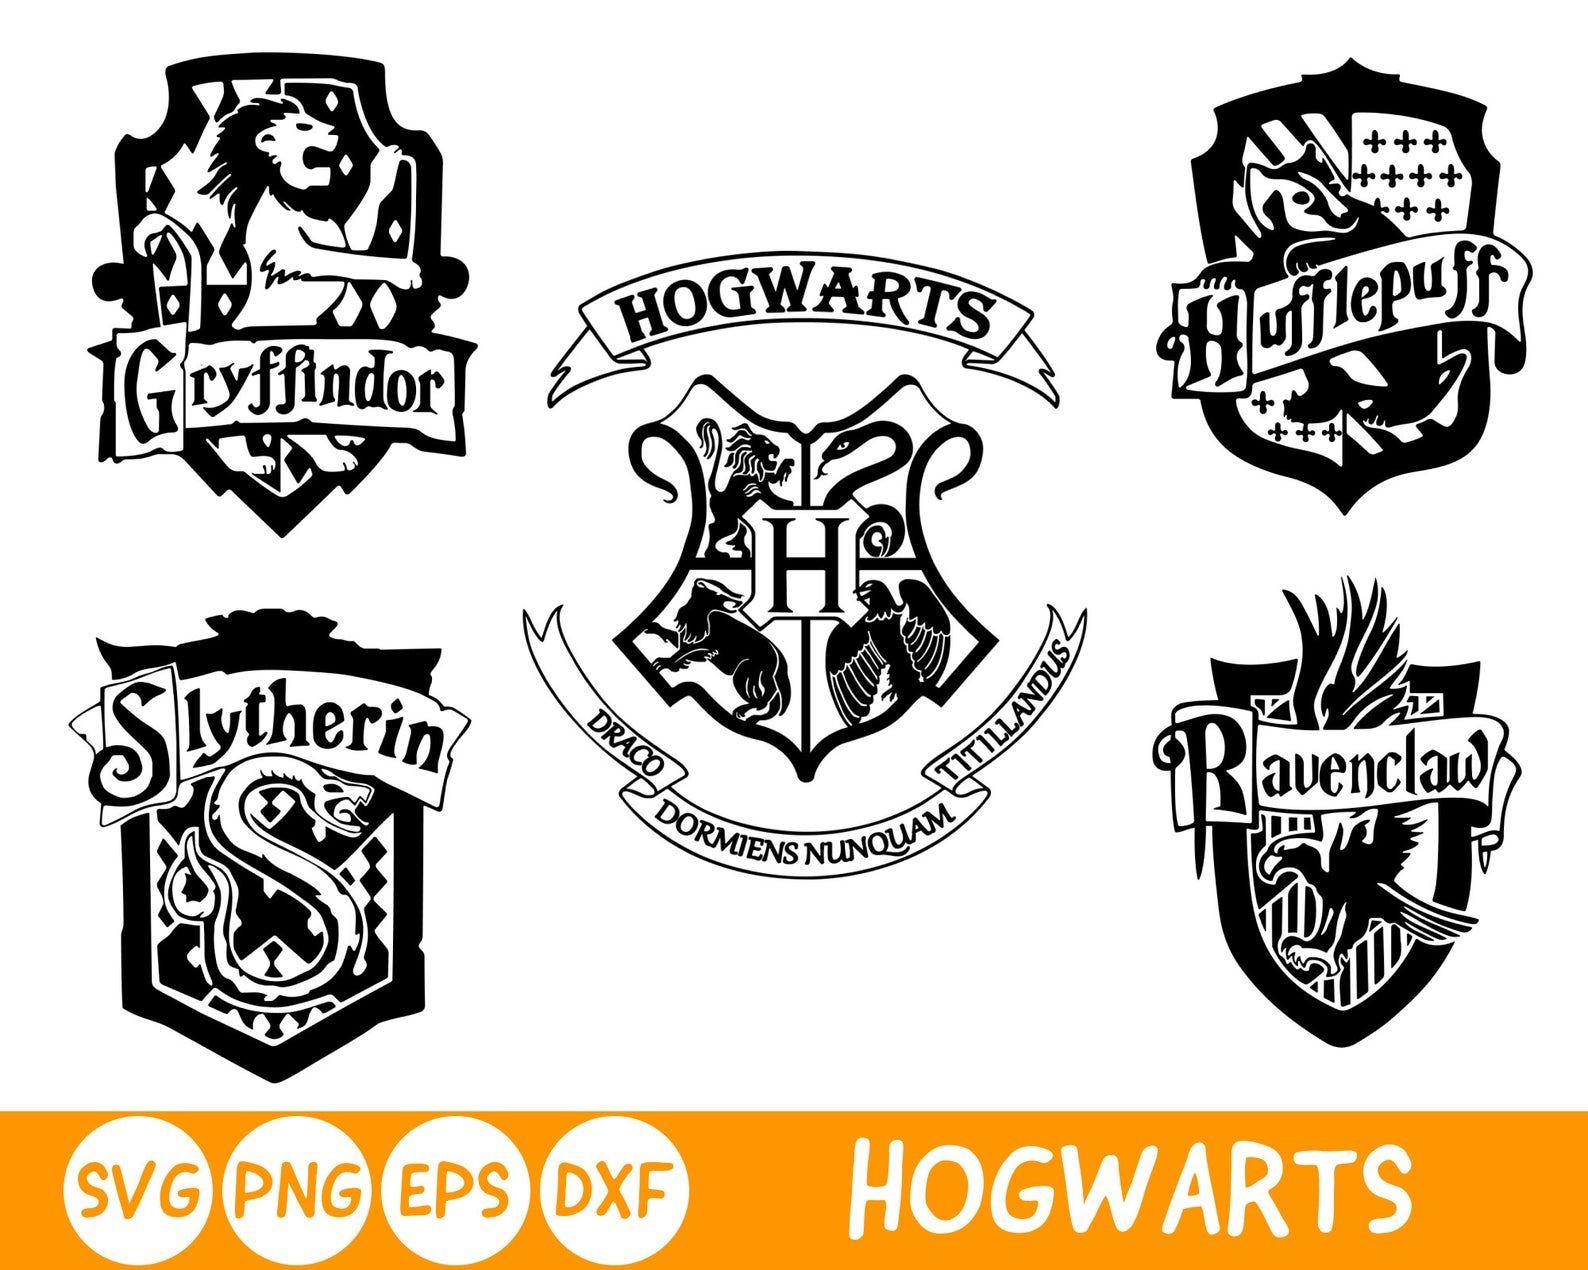 Ravenclaw Hufflepuff Slytherin Gryffindor Svg Harry Potter Etsy In 2021 Hogwarts Houses Crests Harry Potter Silhouette Hogwarts Crest